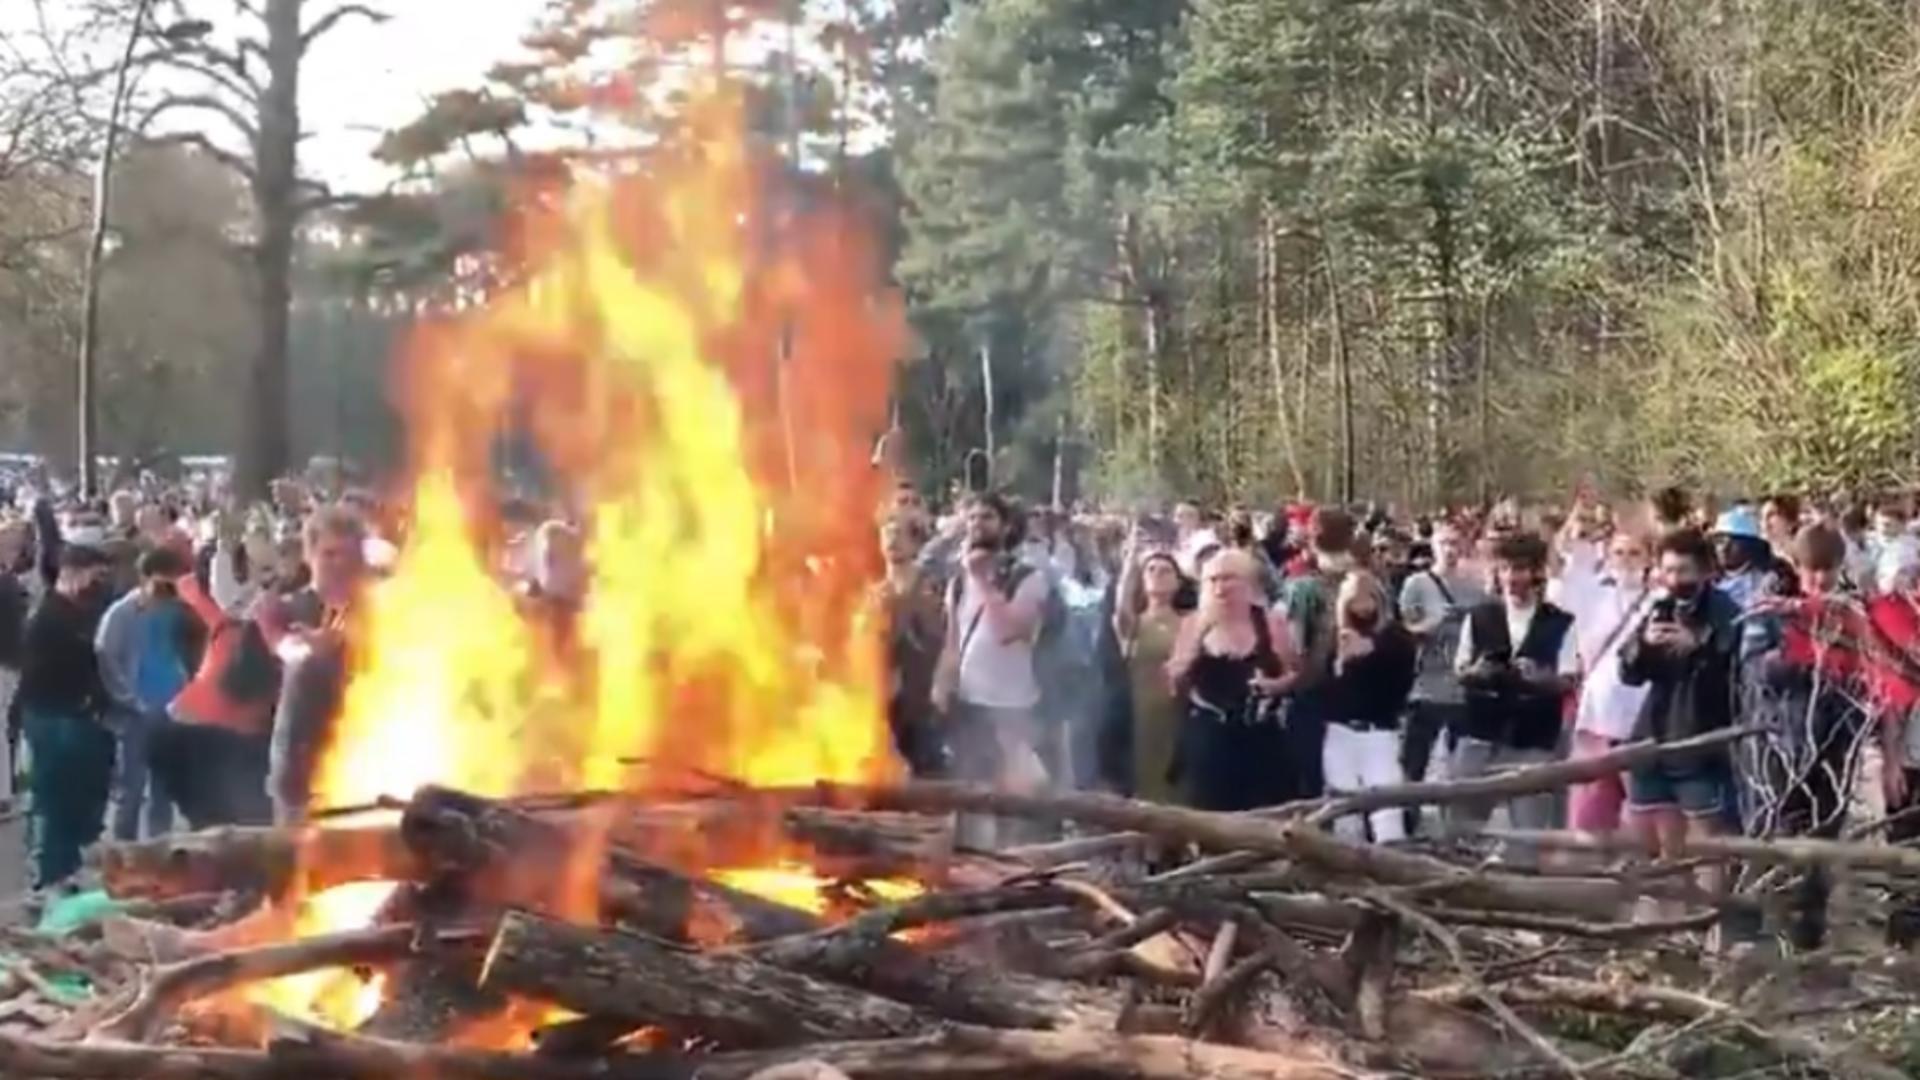 Incidente violente în Belgia la un protest anti-restricții